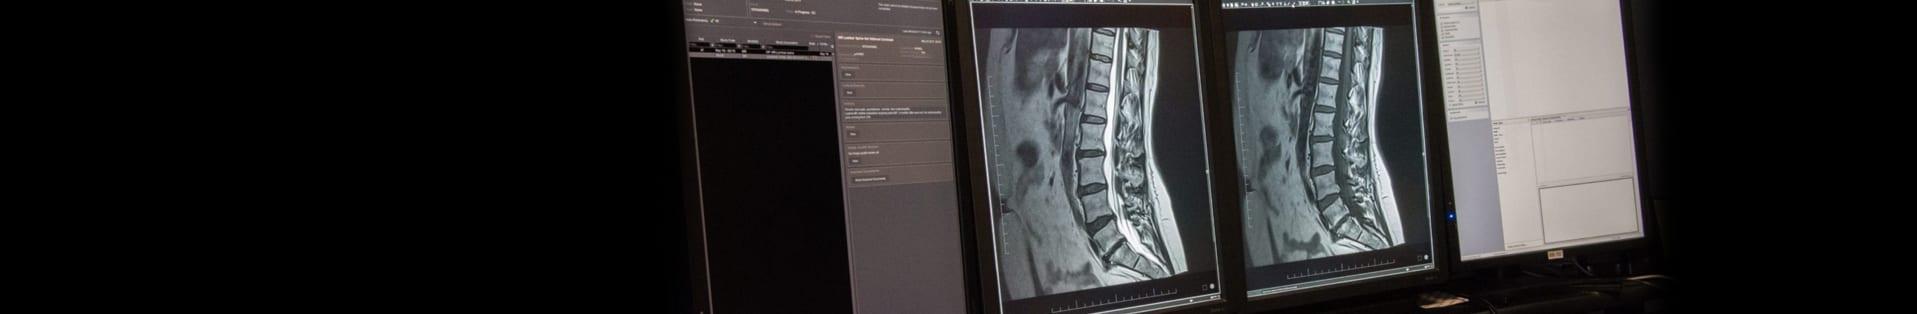 radiologist-header-skagit